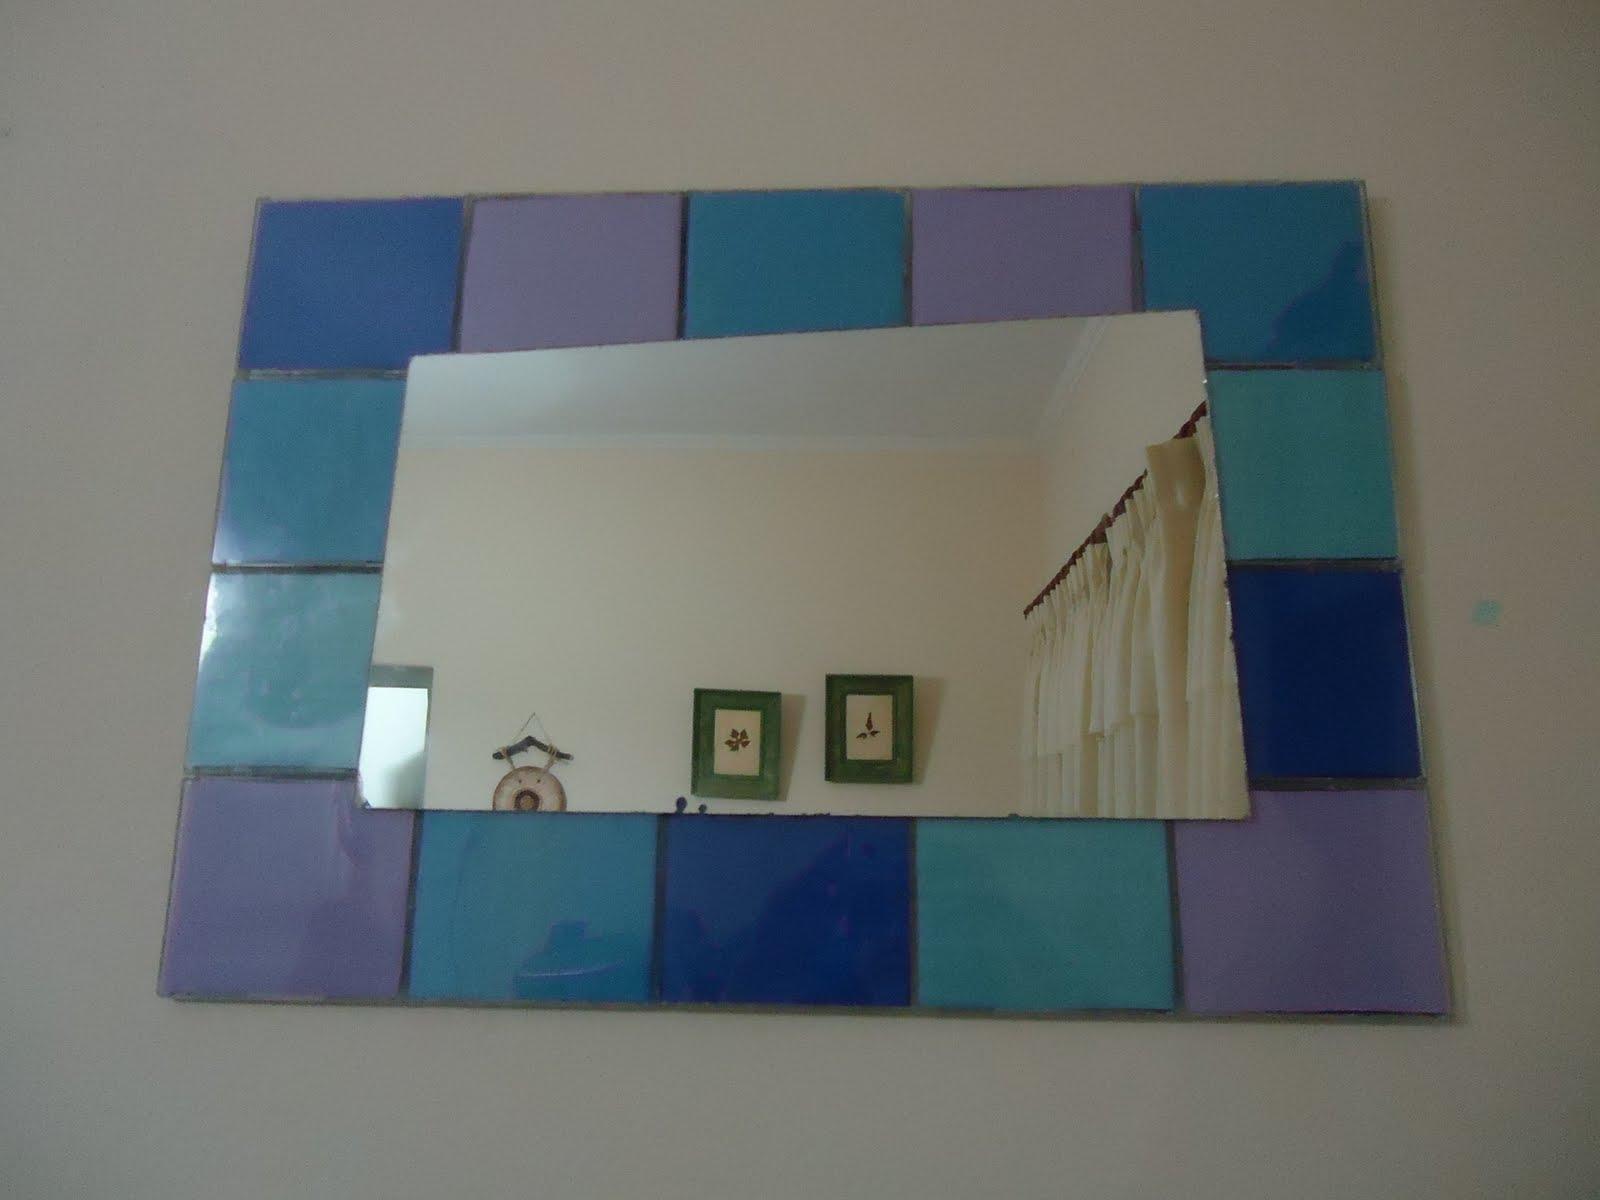 Reciclados rapiditos marco de espejo for Espejos para pegar